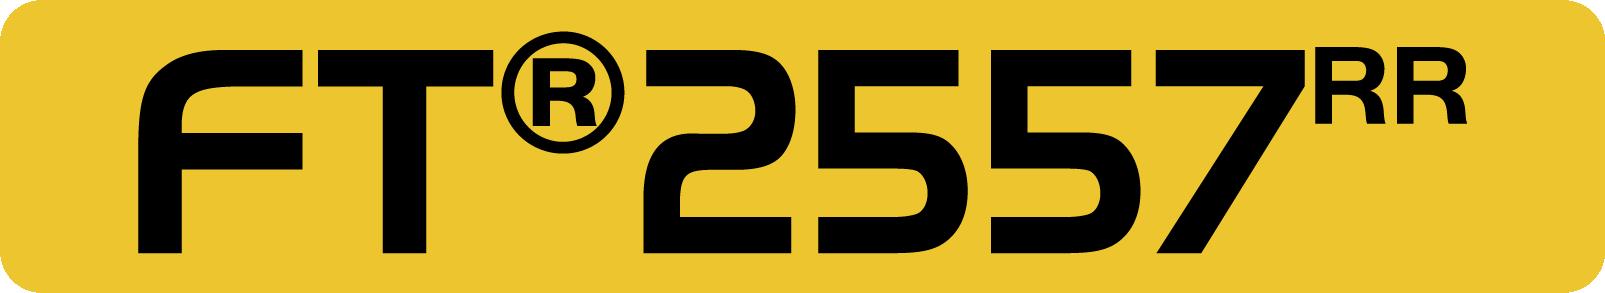 FTR 2557 RR